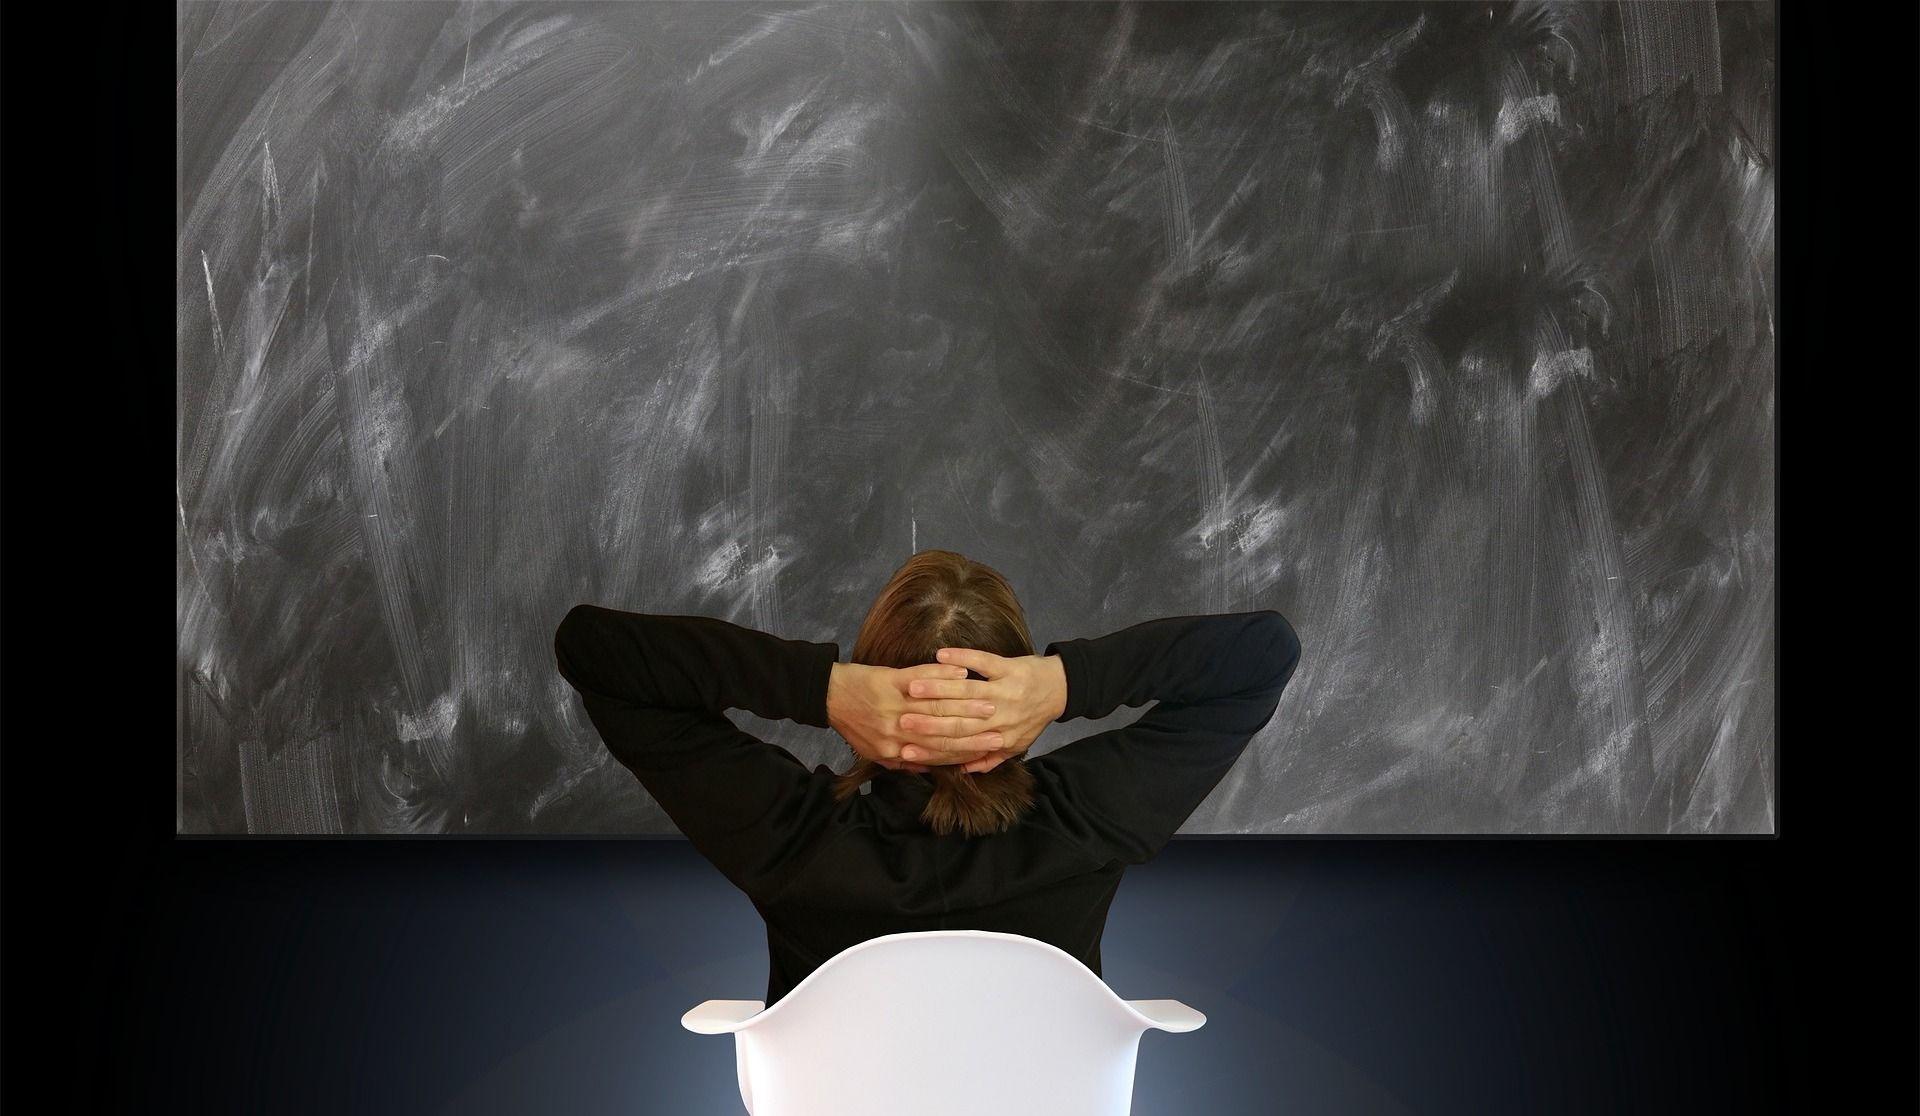 Décrochage scolaire: des données inquiétantes à propos des jeunes francophones